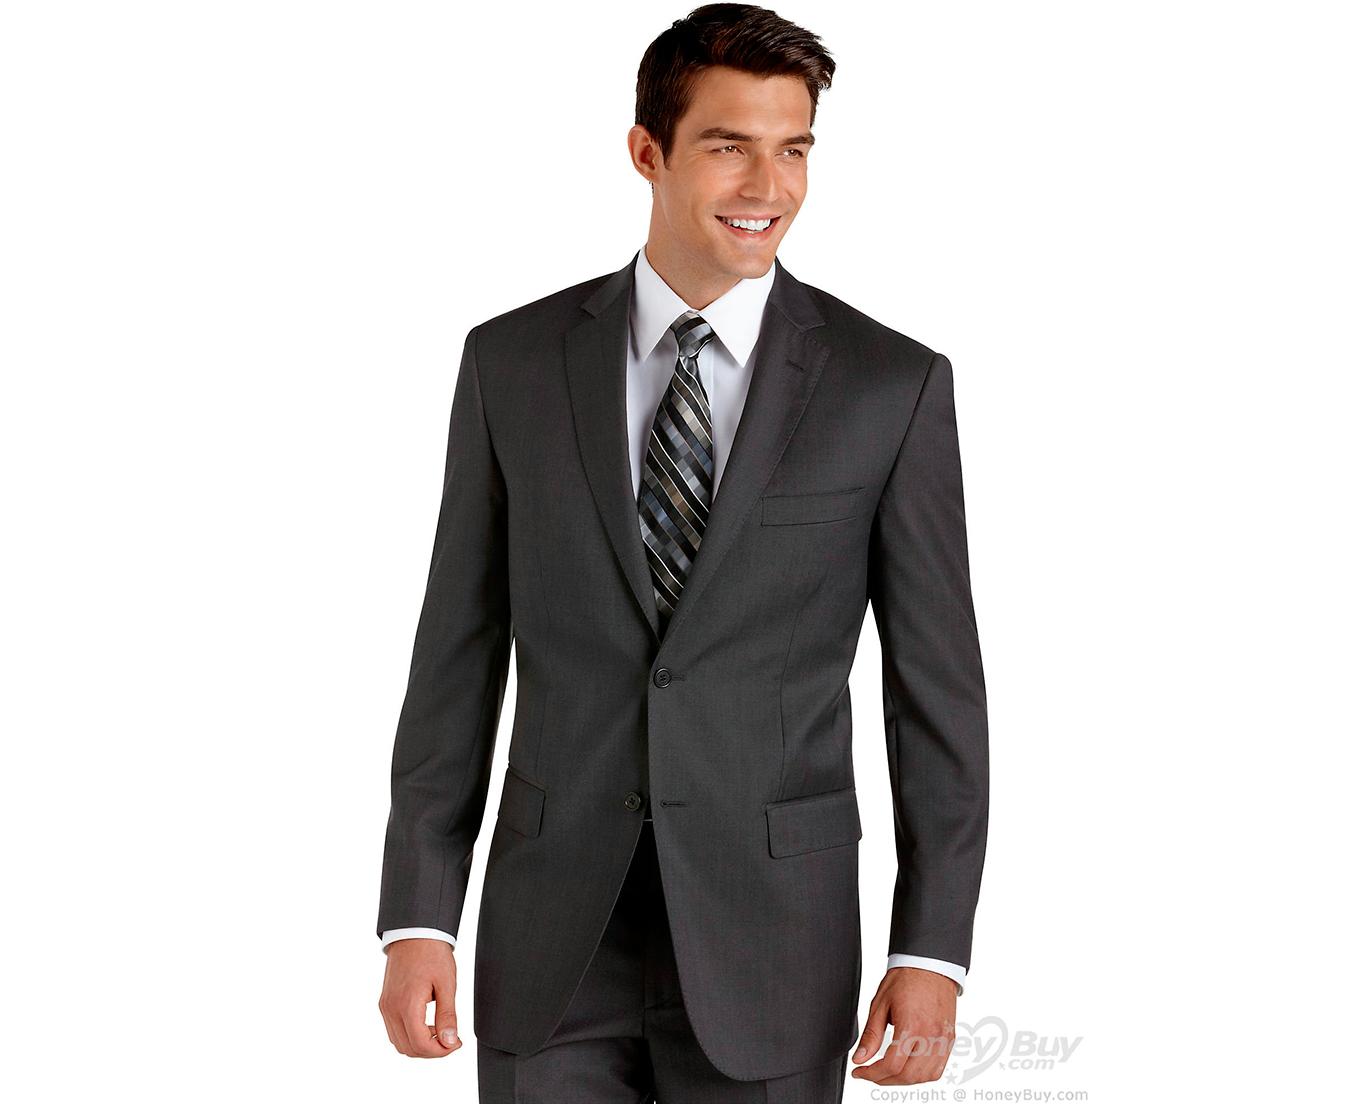 Esta pagina la diseño con el fin de ofrecerles trajes de caballero, con la mejor calidad. Ofreciendo trajes de hechura local hasta trajes de etiqueta, tal como Polo, Charly Brow, Conti, entre muchas mas.